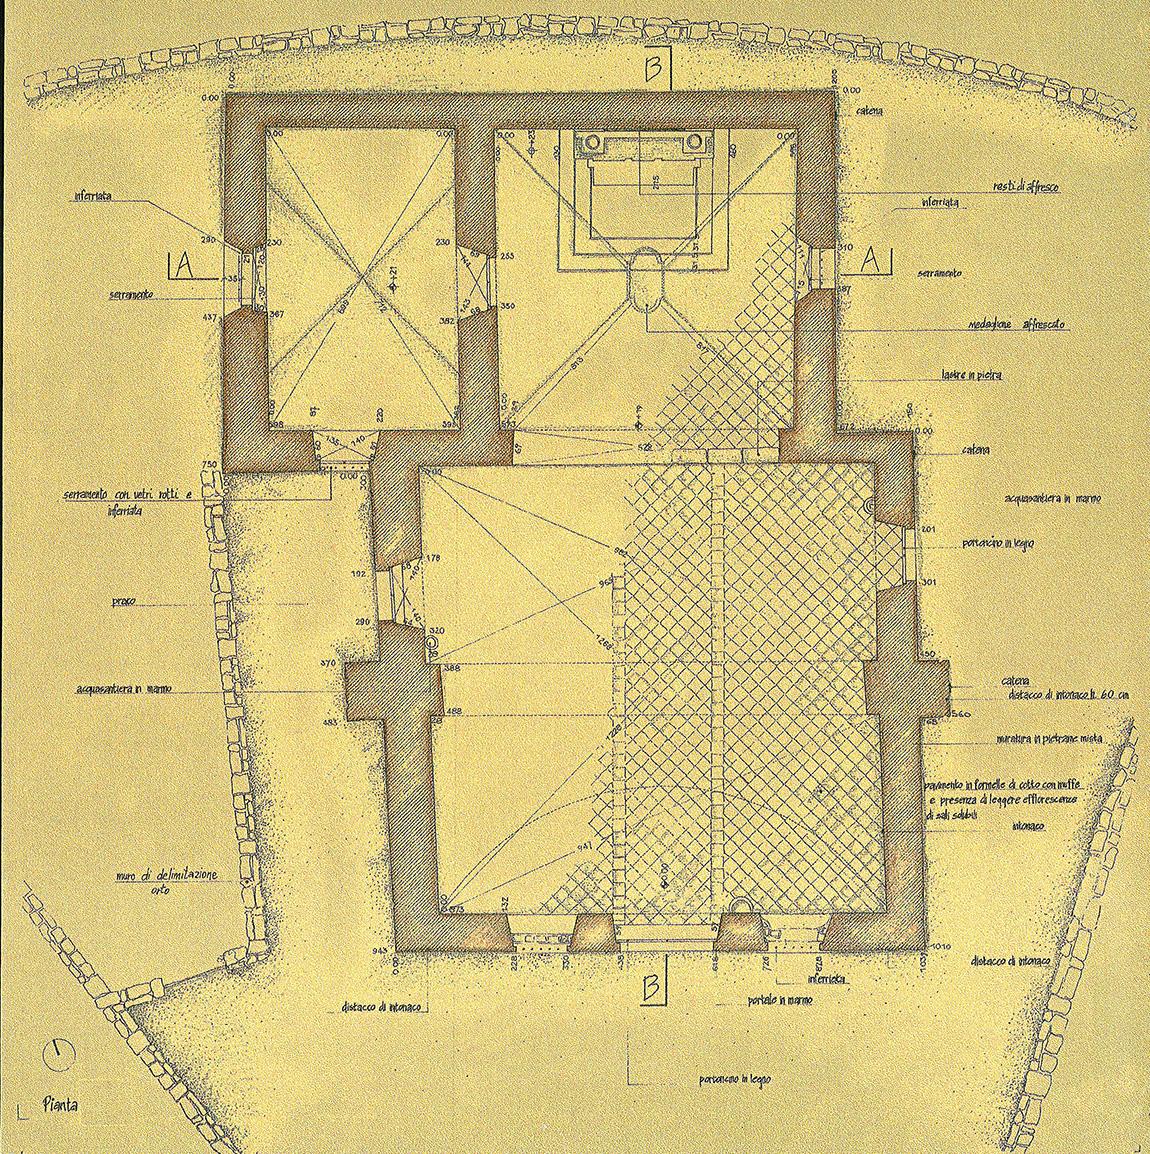 Studio-di-architettura-Baisotti-Sigala-prgetti198-1